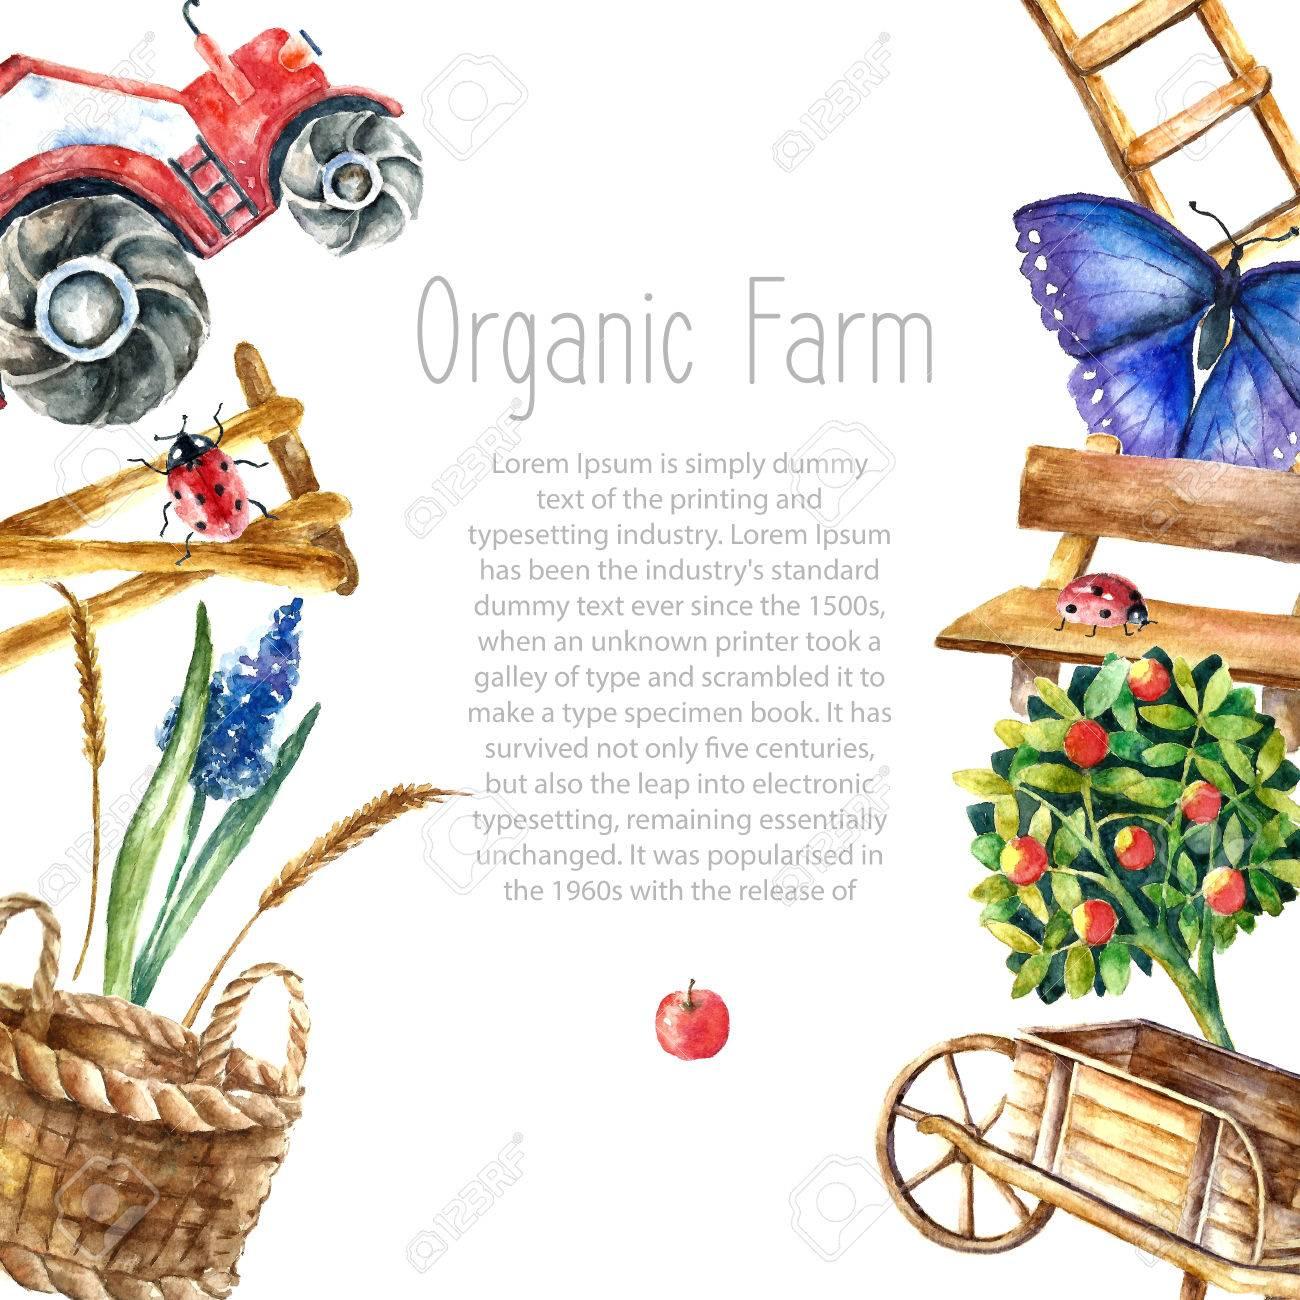 Aquarell Bio-Bauernhof Rahmen. Grußkarte Hintergrund Mit Traktor ...